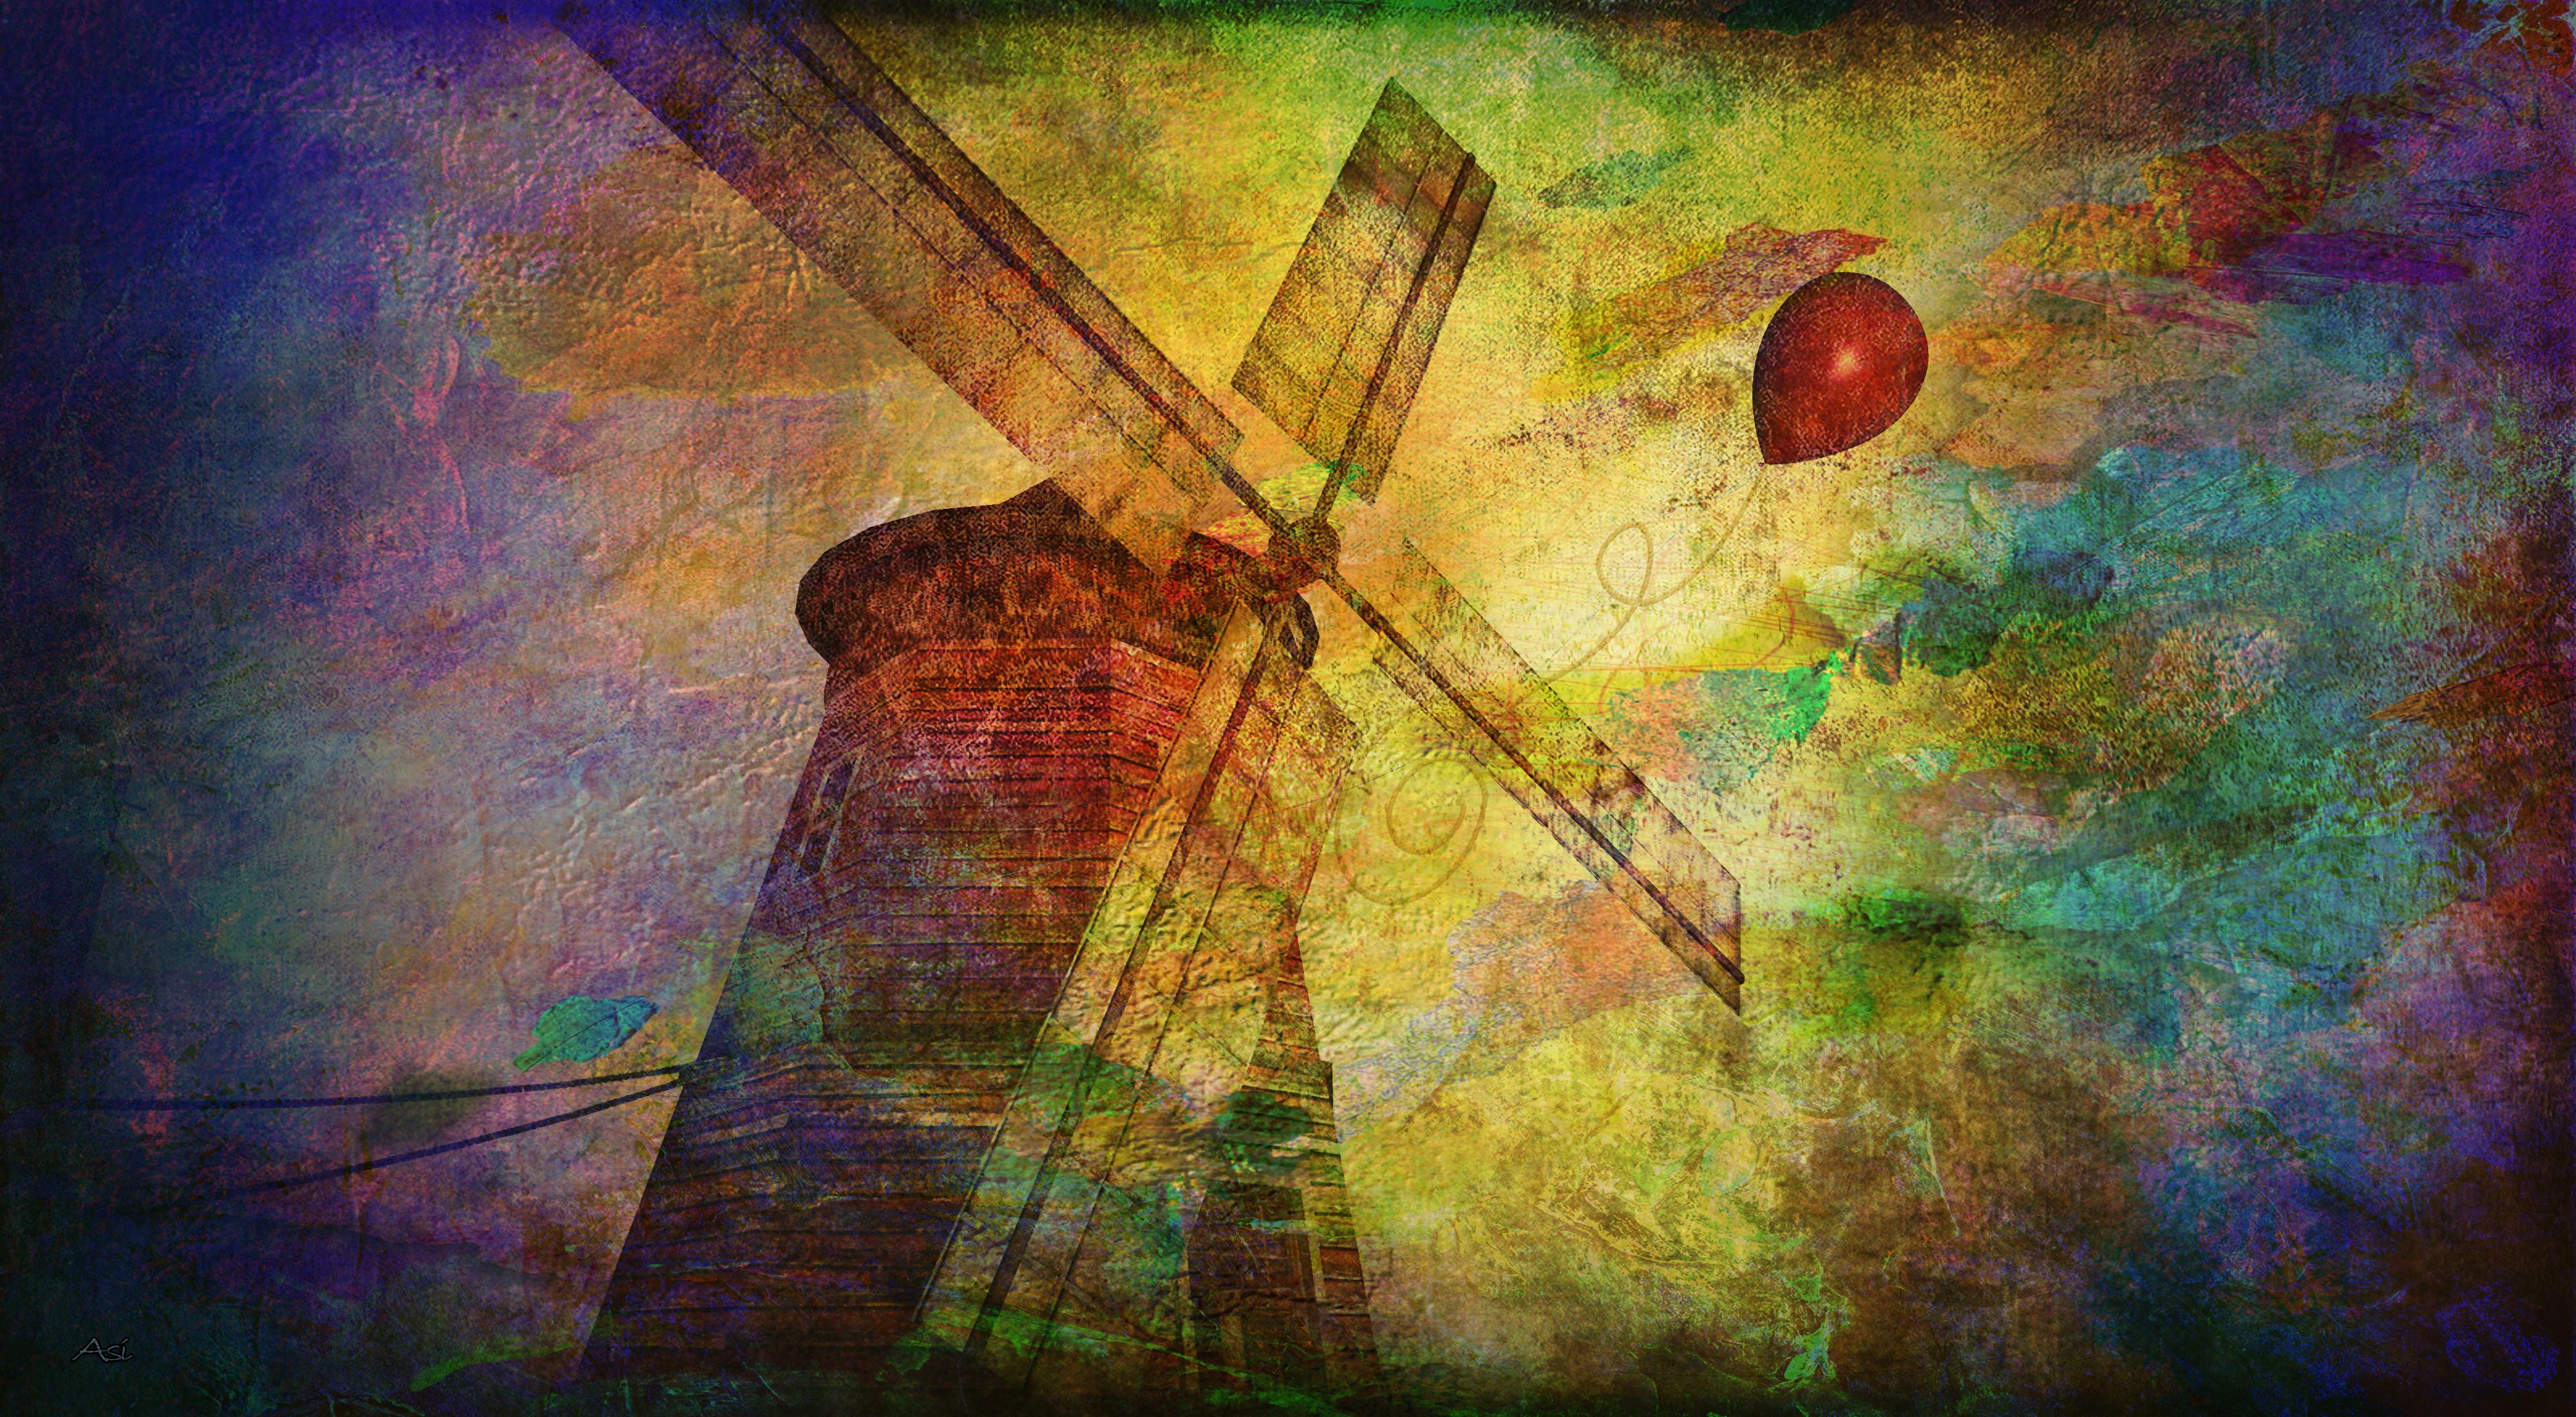 Masaüstü Yel Değirmeni Fotoğraf Hilesi Boyama Moulin Renkli